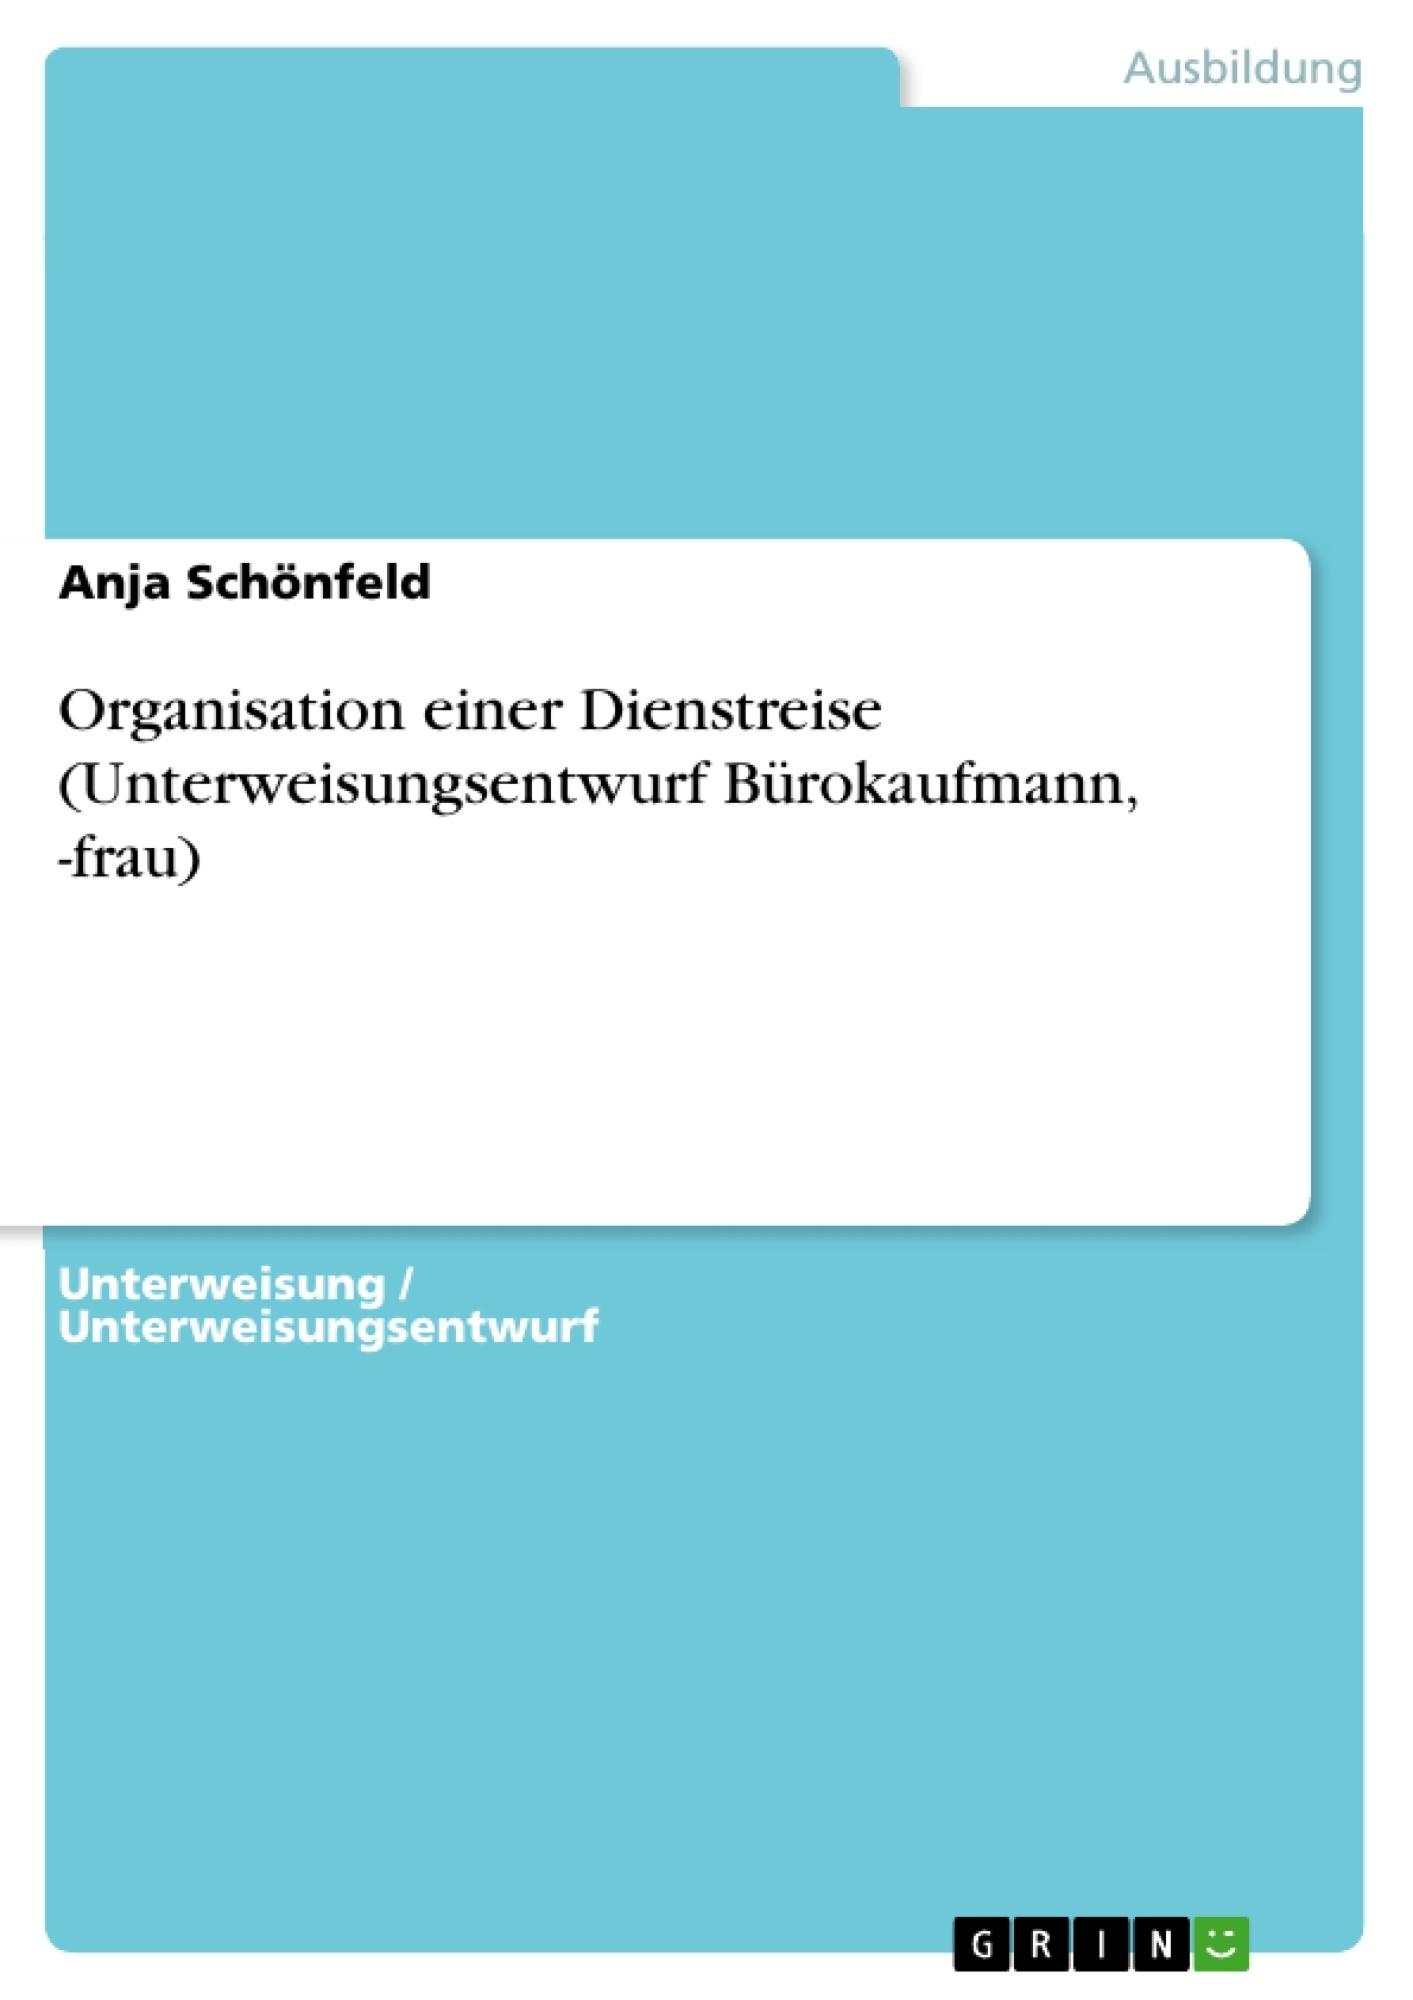 Titel: Organisation einer Dienstreise (Unterweisungsentwurf Bürokaufmann, -frau)